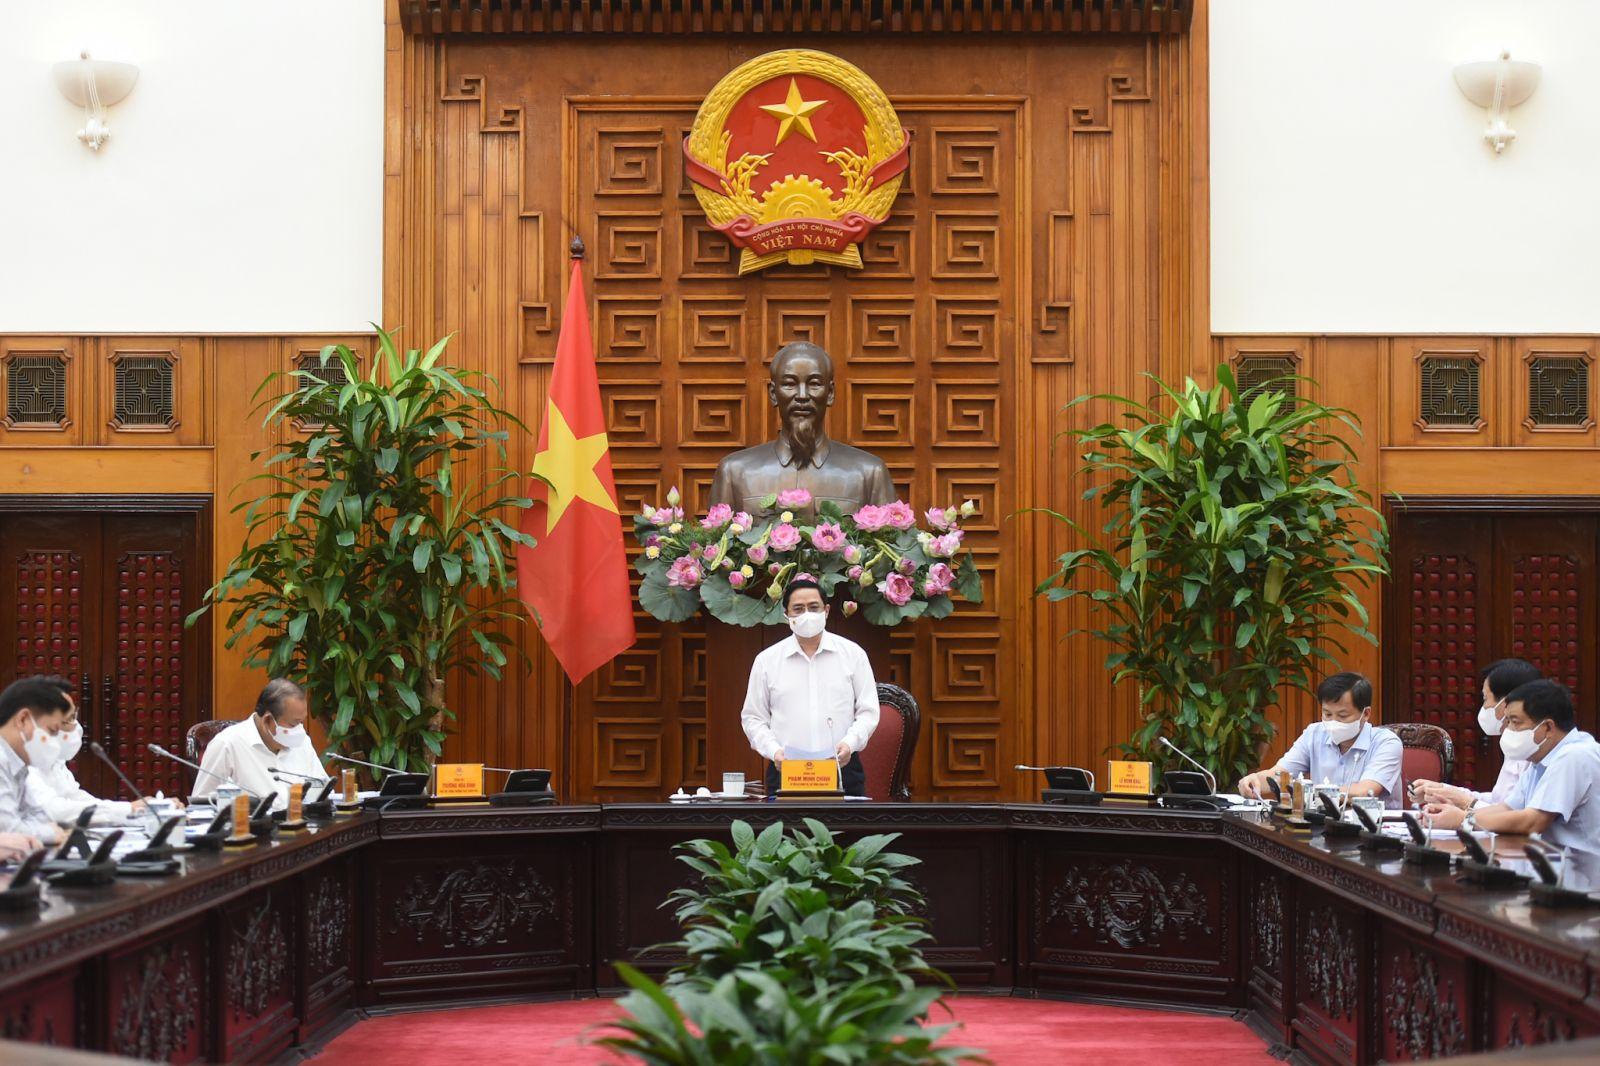 Thủ tướng Phạm Minh Chính: Trường hợp để xảy ra lây nhiễm dịch trong cộng đồng trên địa bàn thì tuỳ mức độ sẽ bị xem xét, xử lý trách nhiệm theo quy định. Ảnh VGP